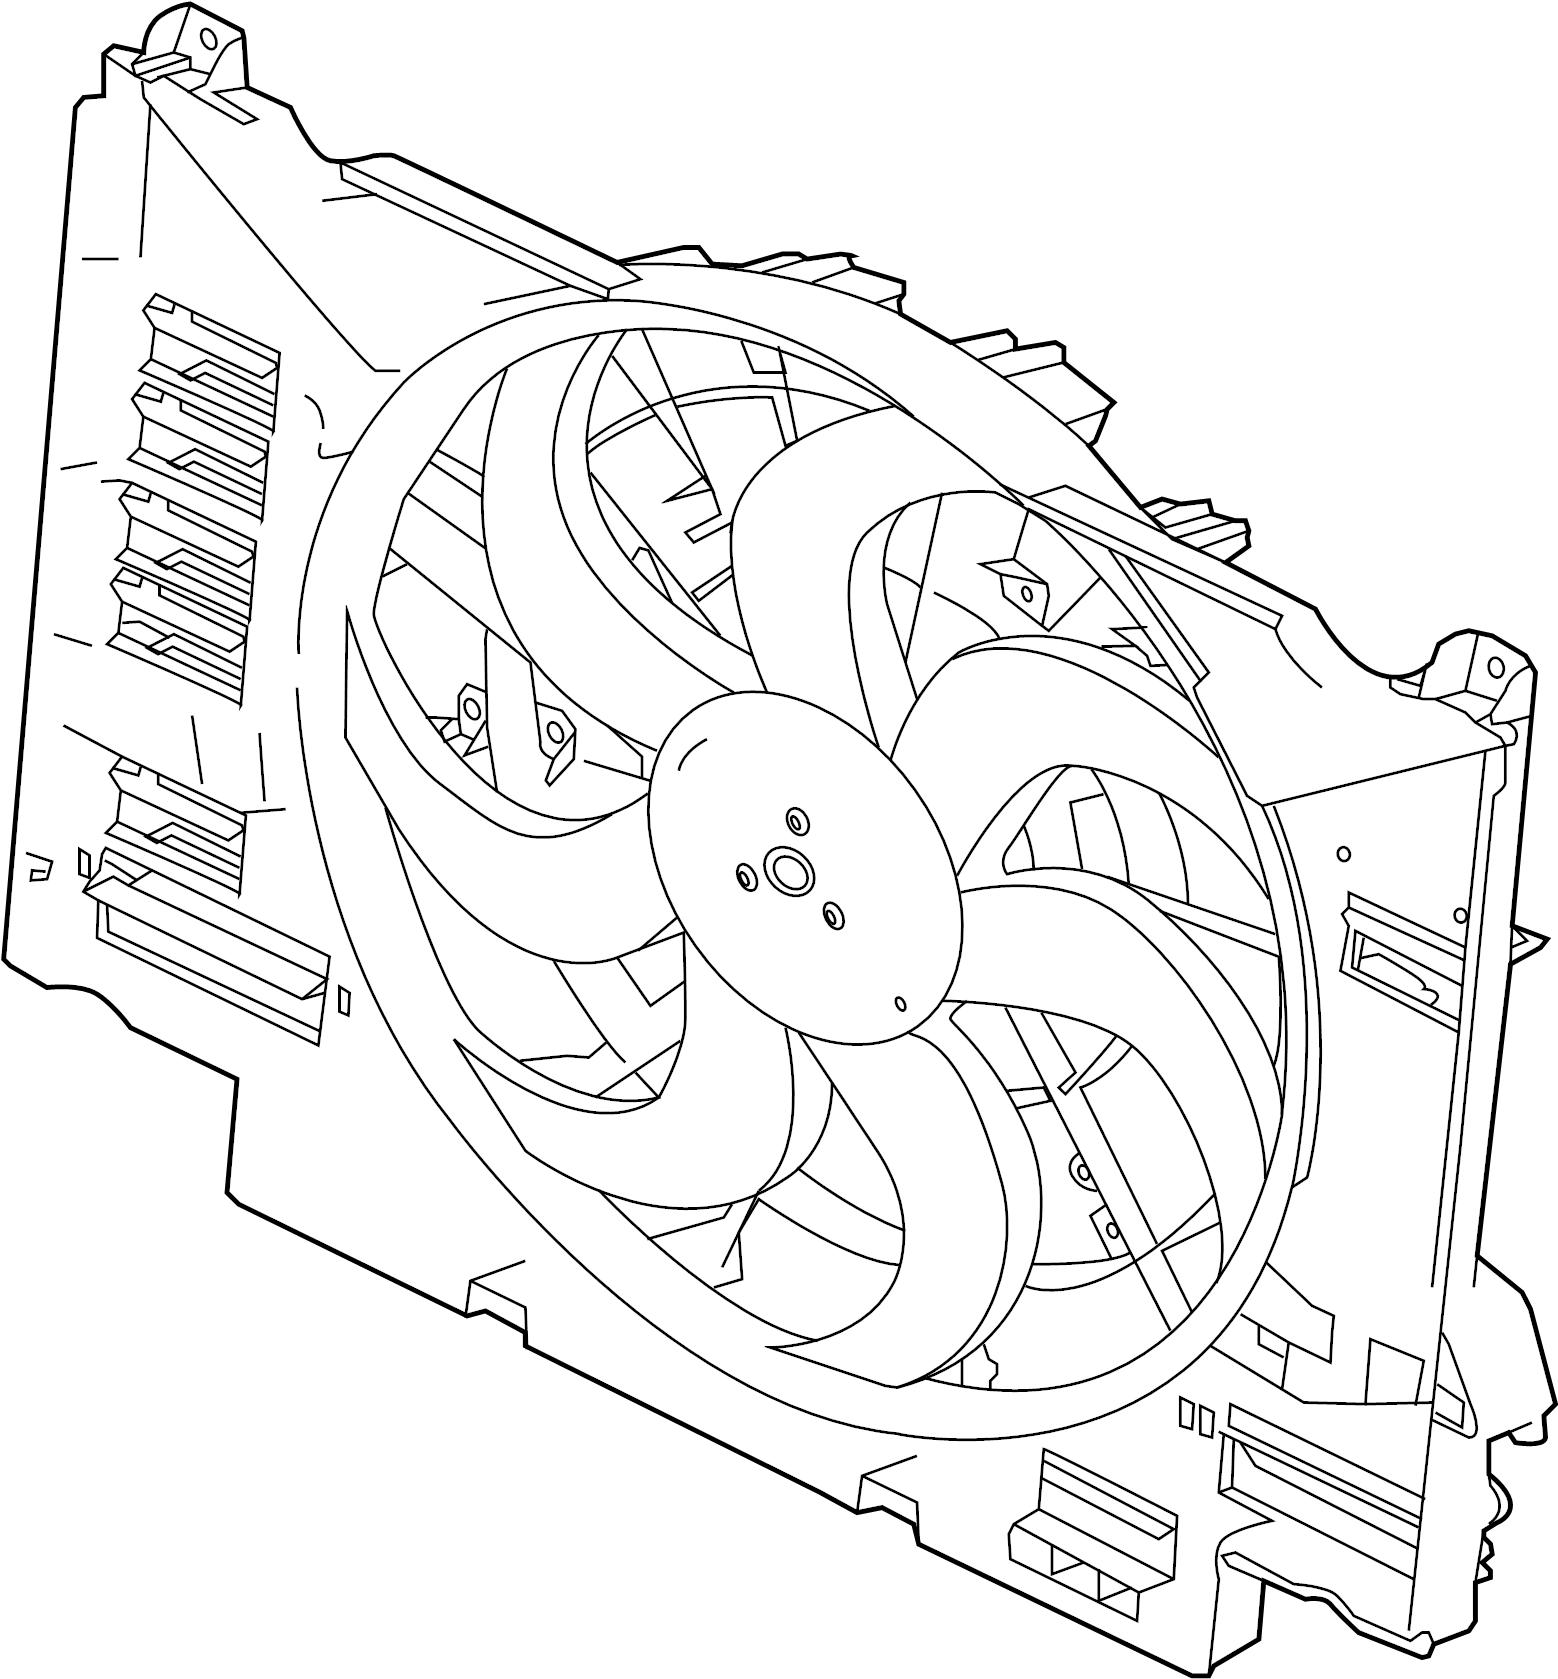 jaguar xf fan  and  motor  amplifier  cowl  module  engine